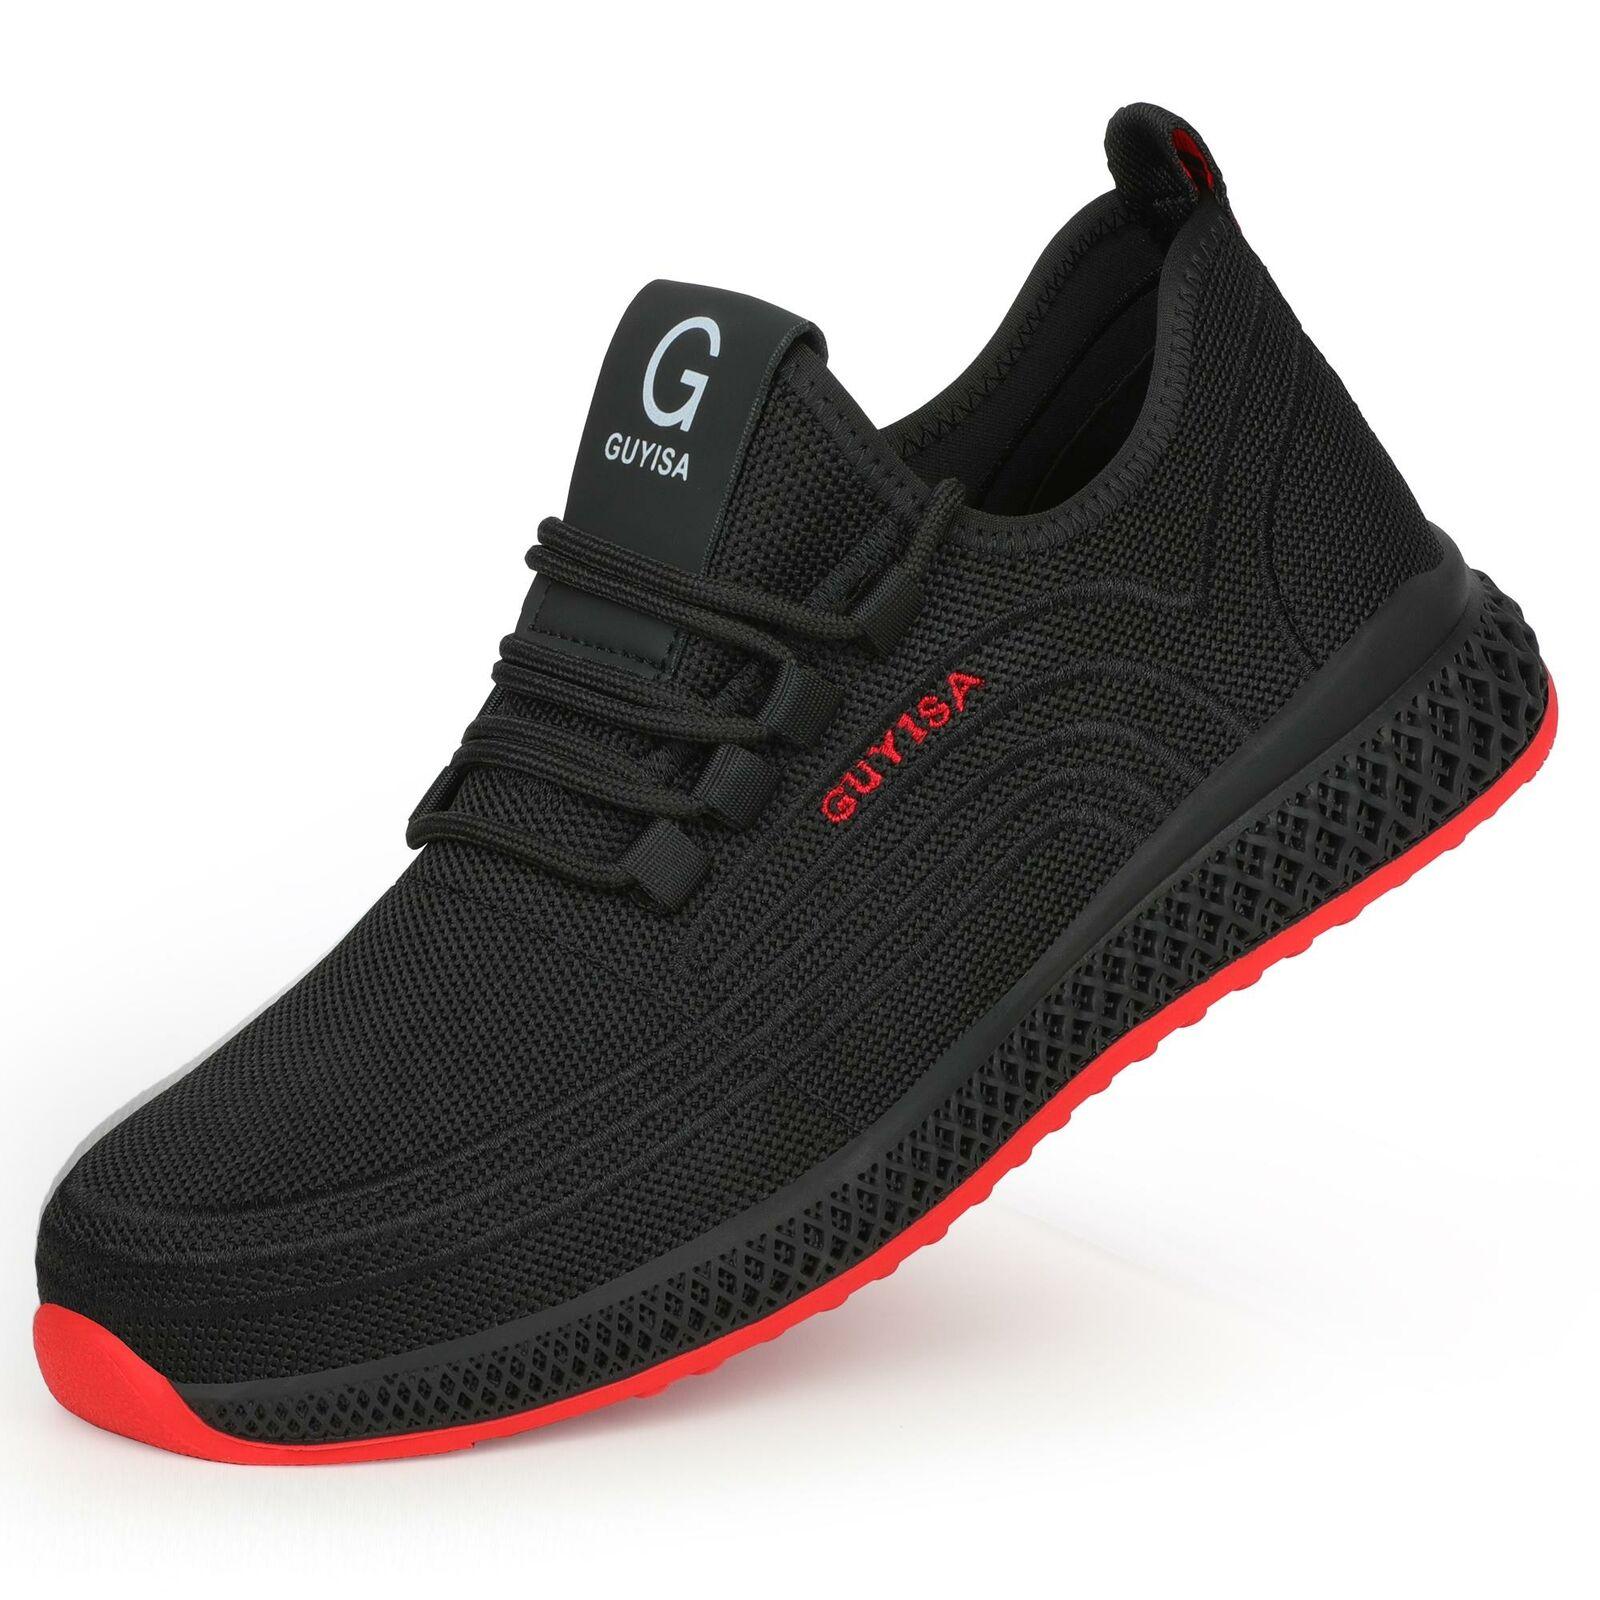 Chaussures de sécurité au travail pour hommes femmes bottes à bout d'acier